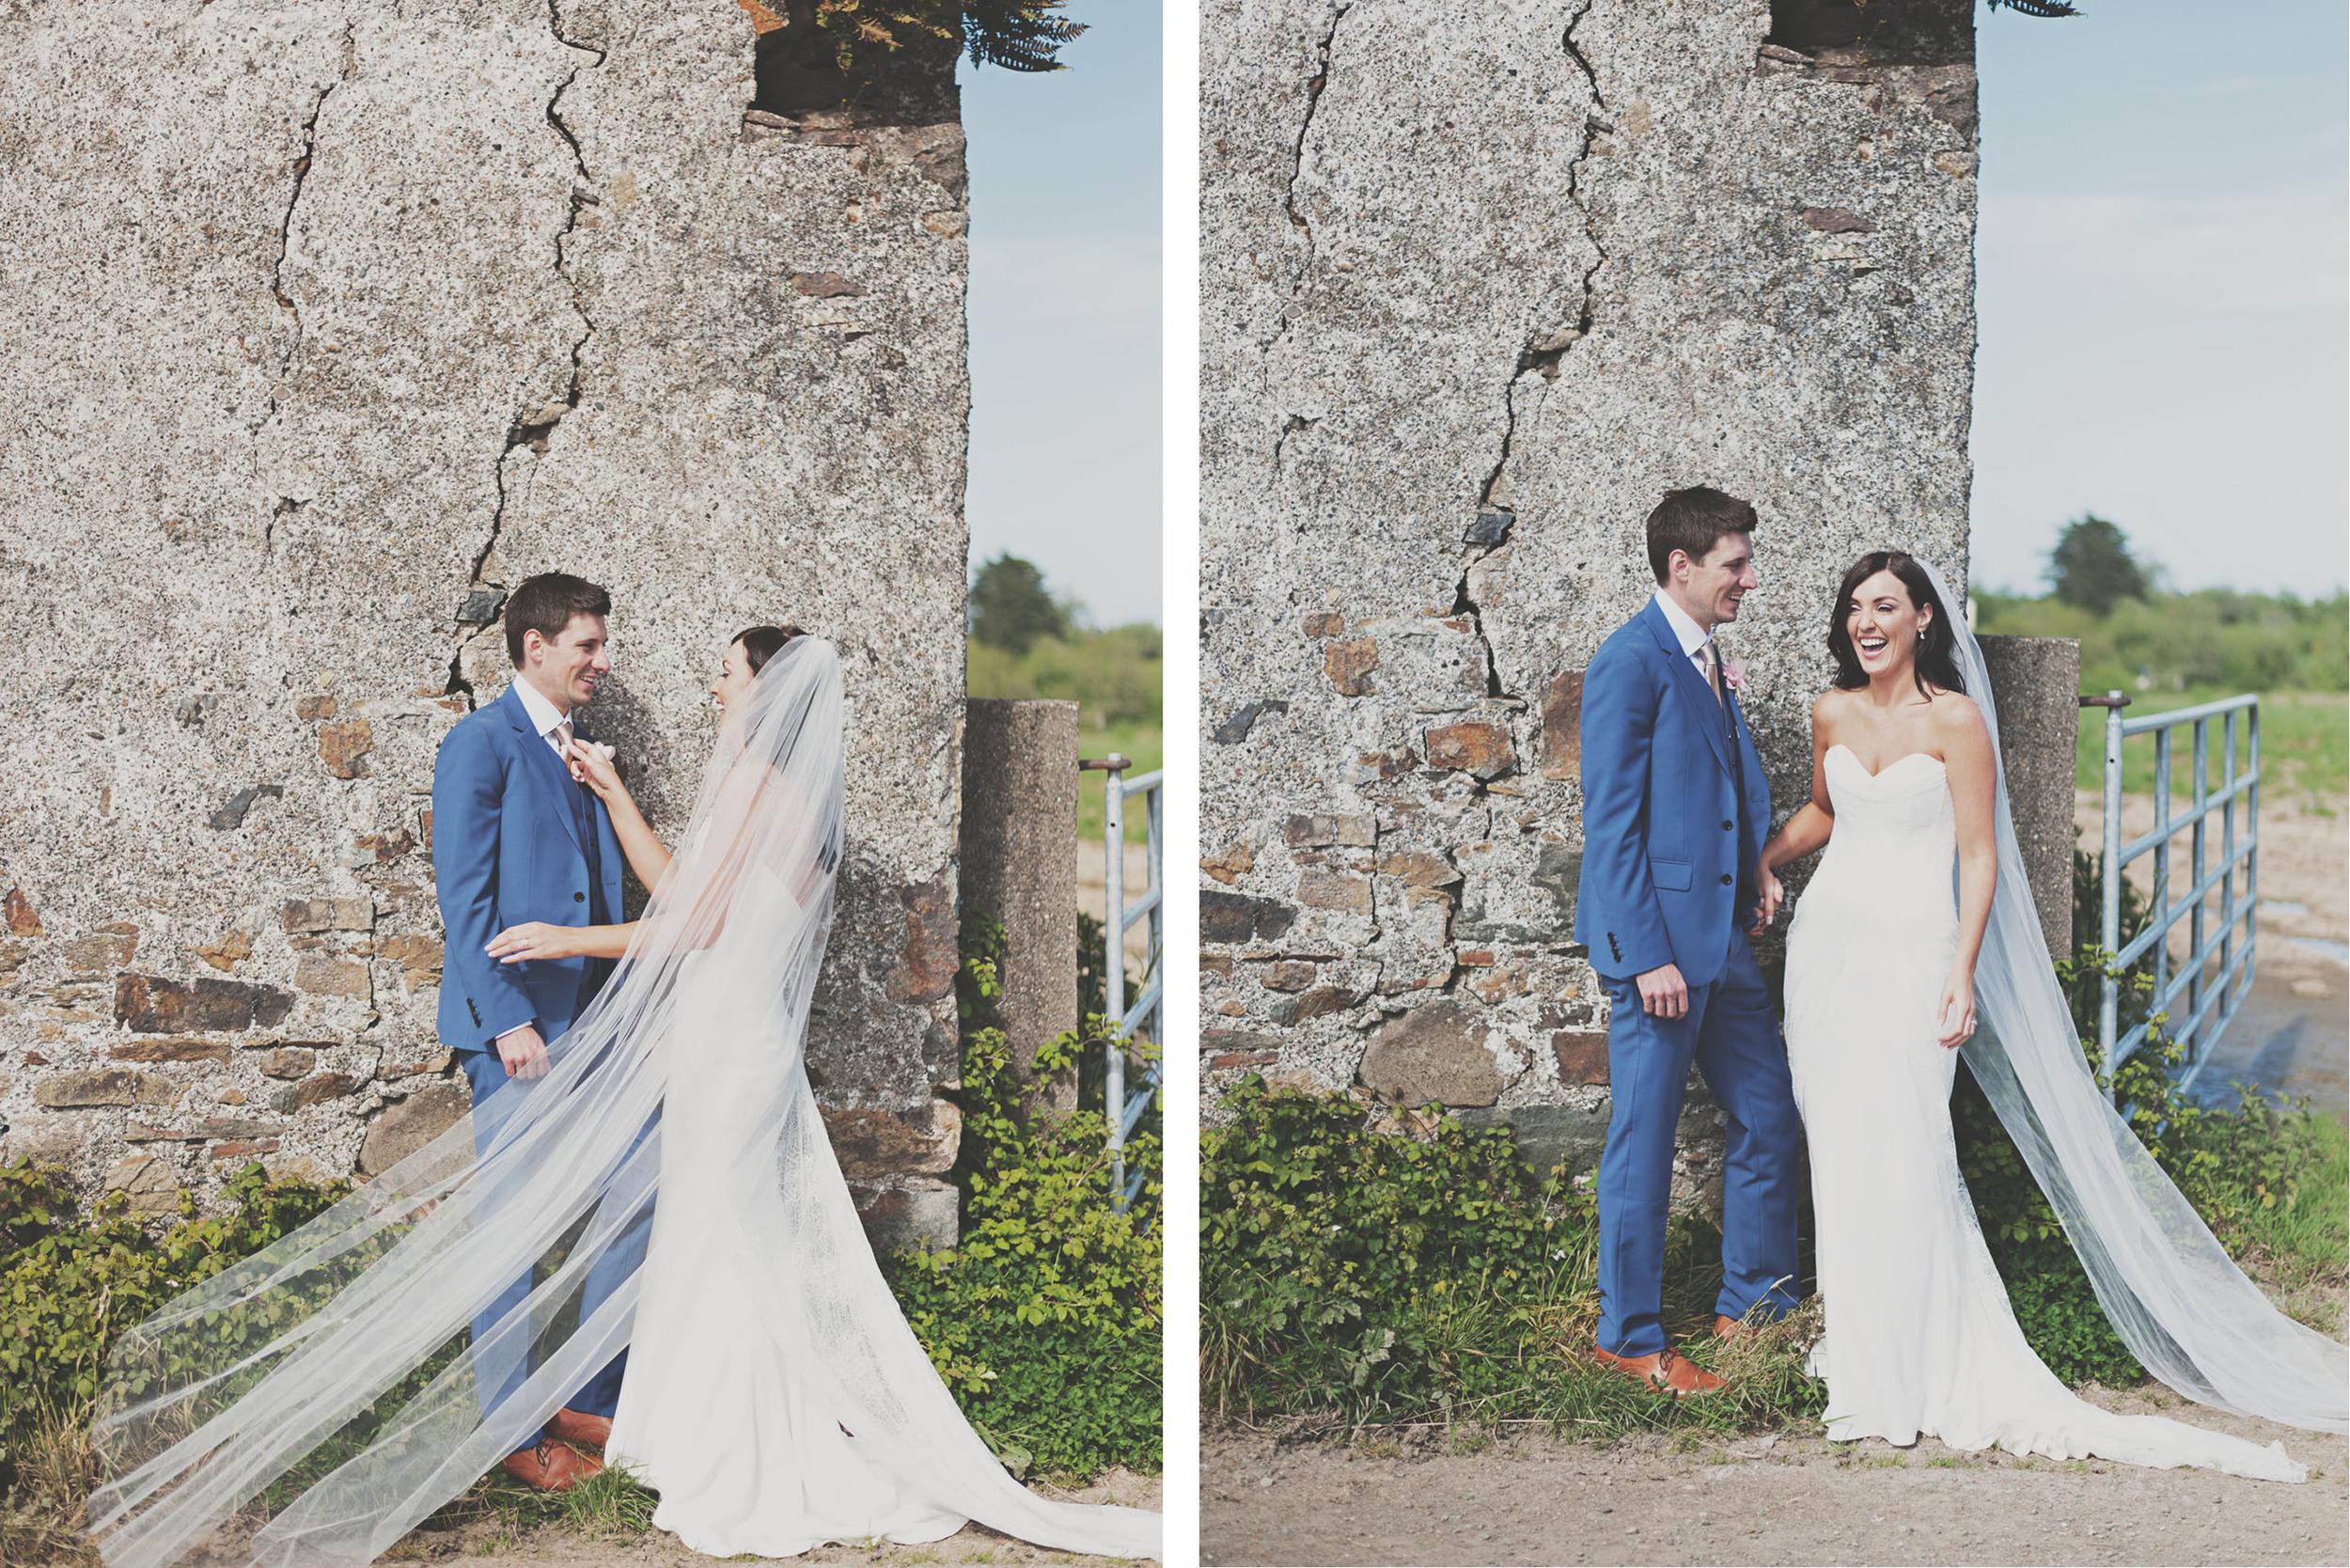 Julie & Matt's Seafield Wedding by Studio33weddings 073.jpg